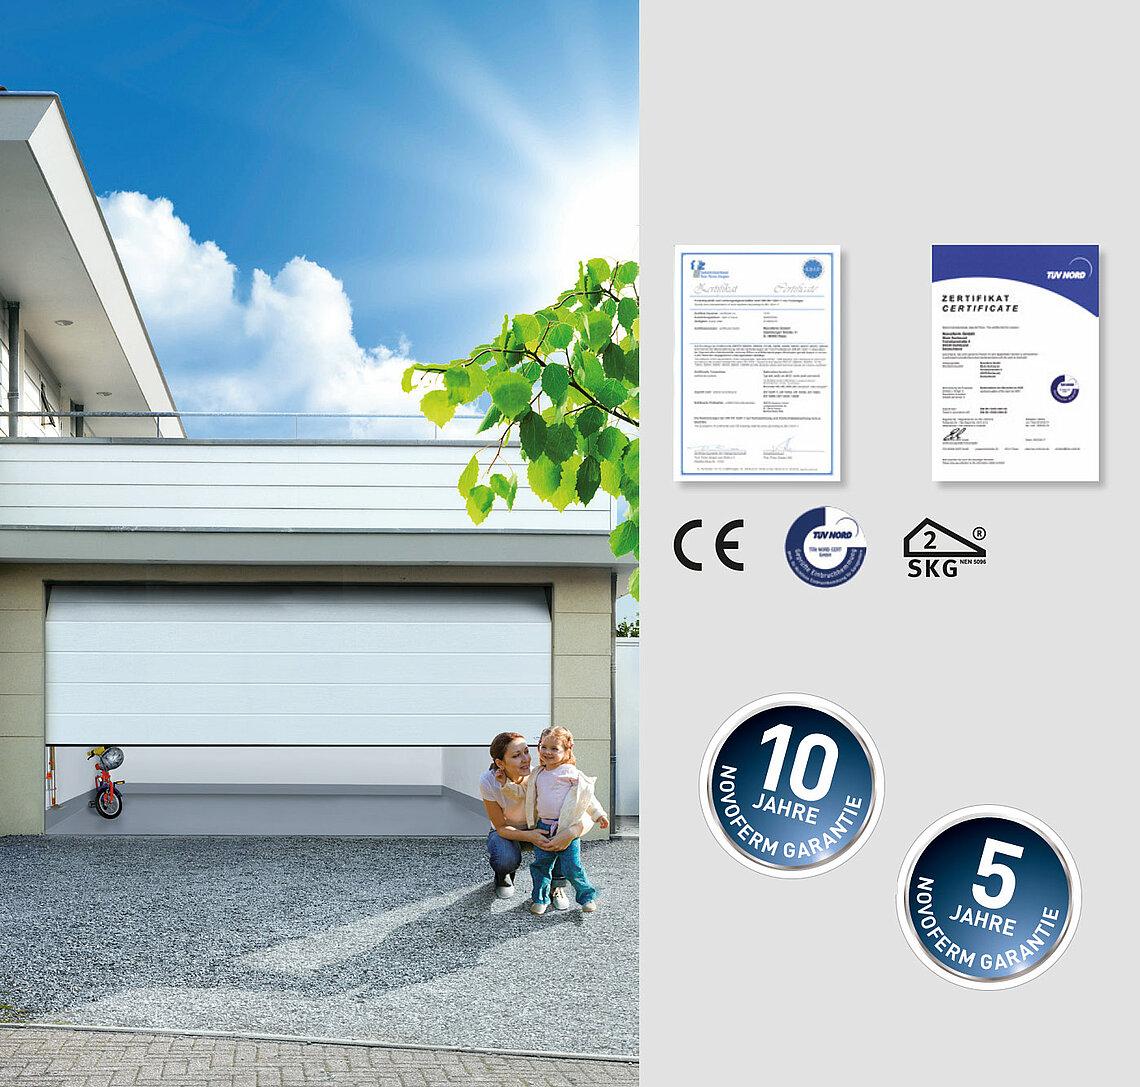 Novoferm szekcionált garázskapuk minőségi követelmények